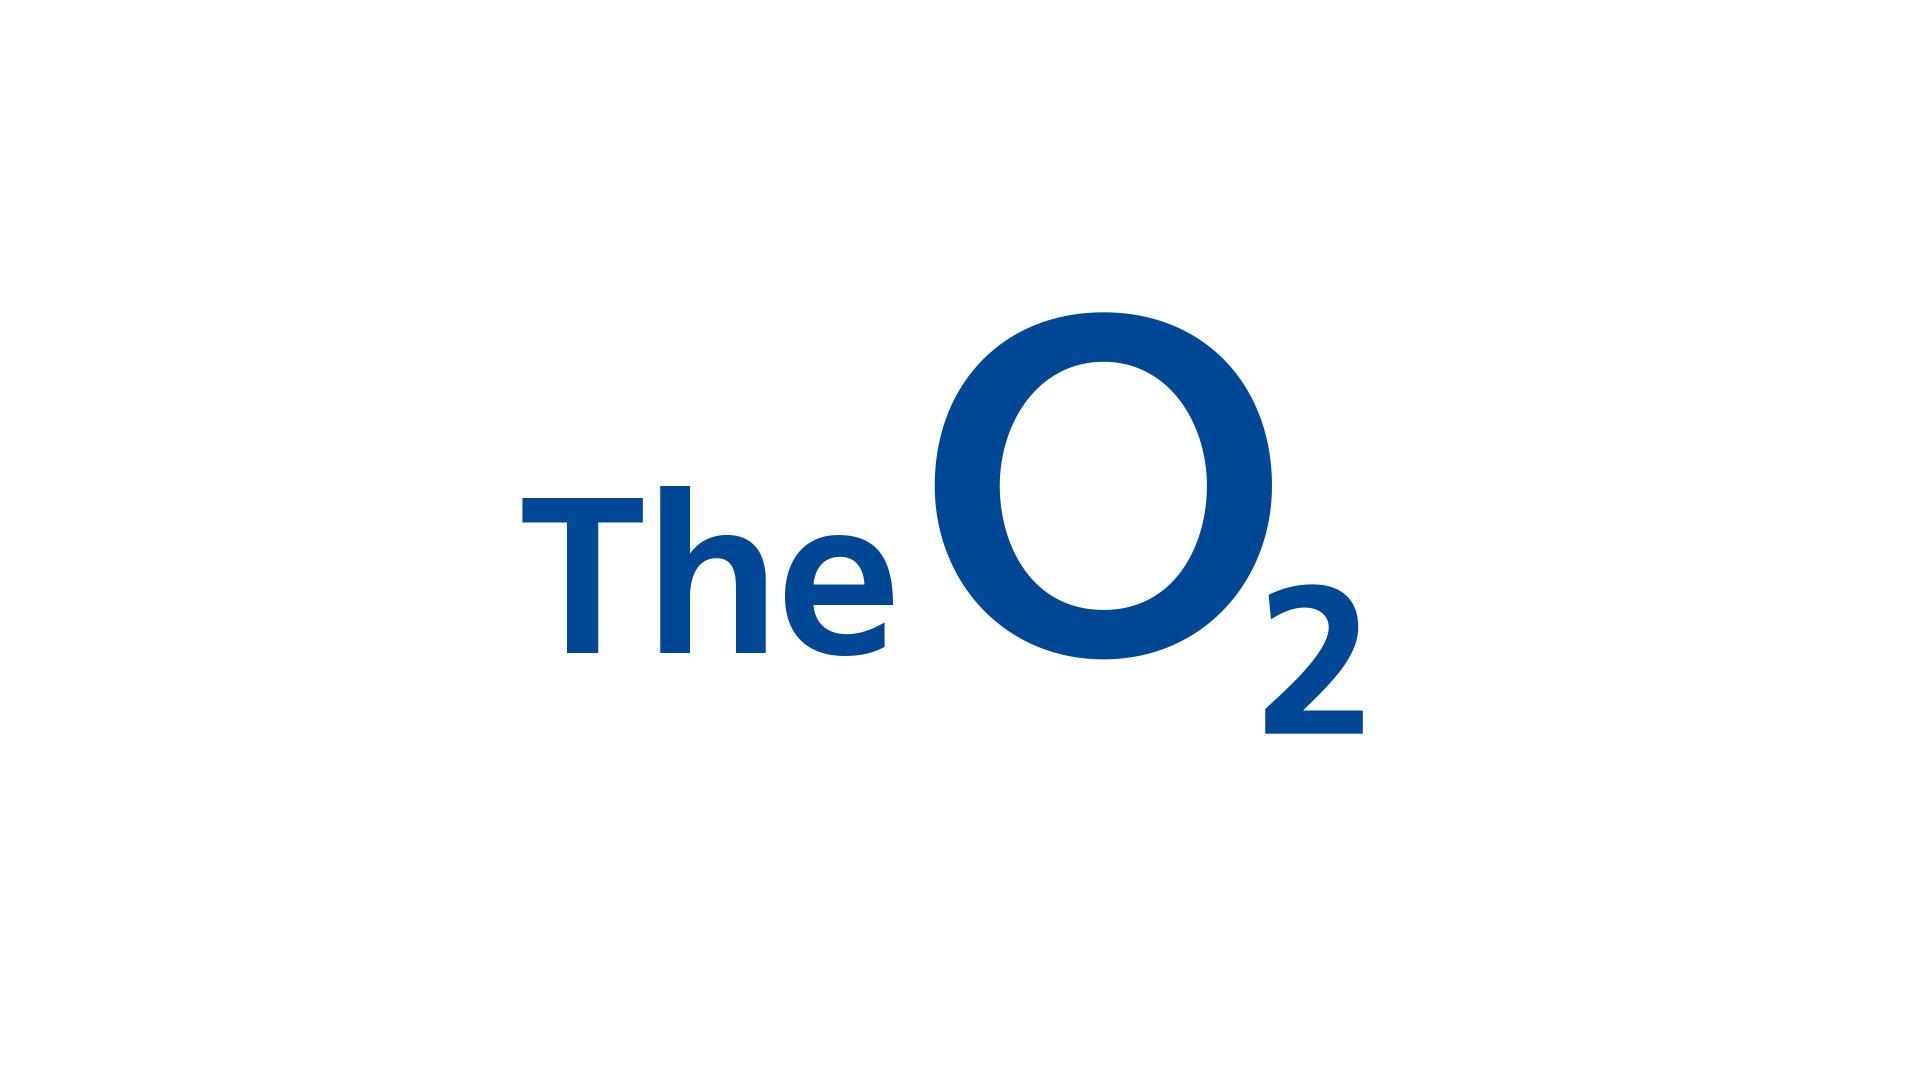 the o2 brand brand identity logo design